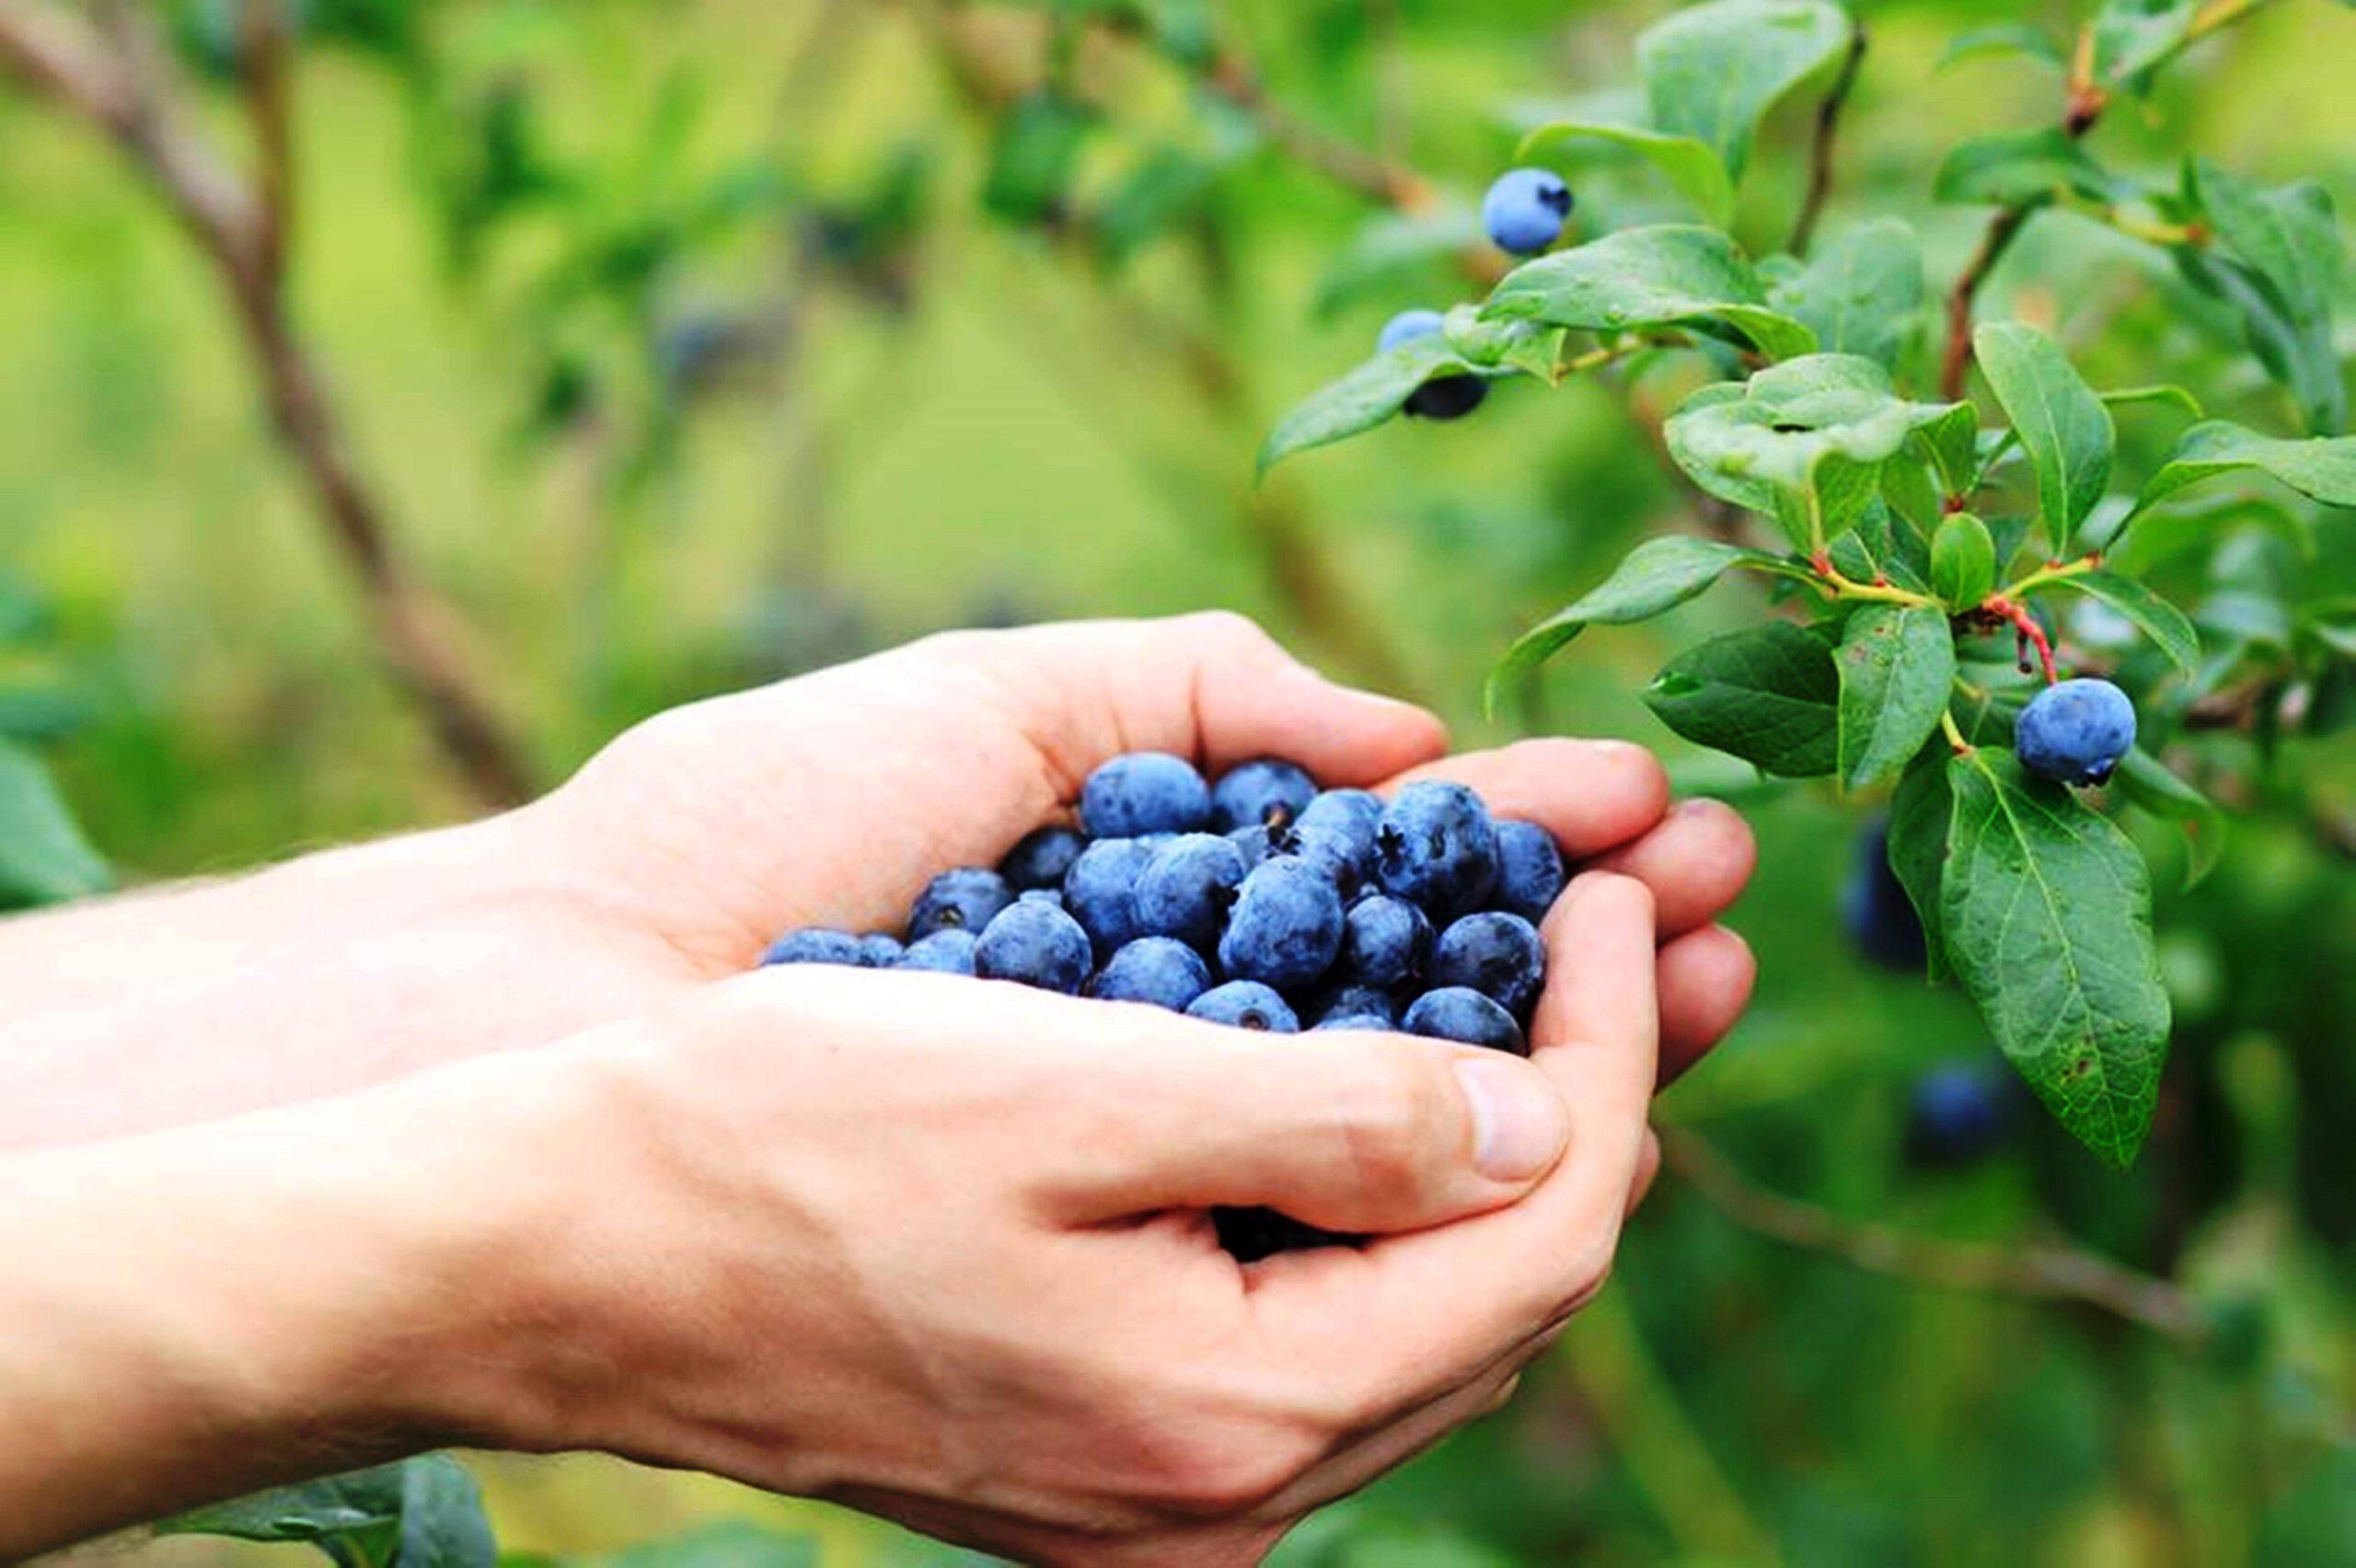 החל קטיף עצמי של פירות יער בבוסתן 'בראשית' בעין זיוון